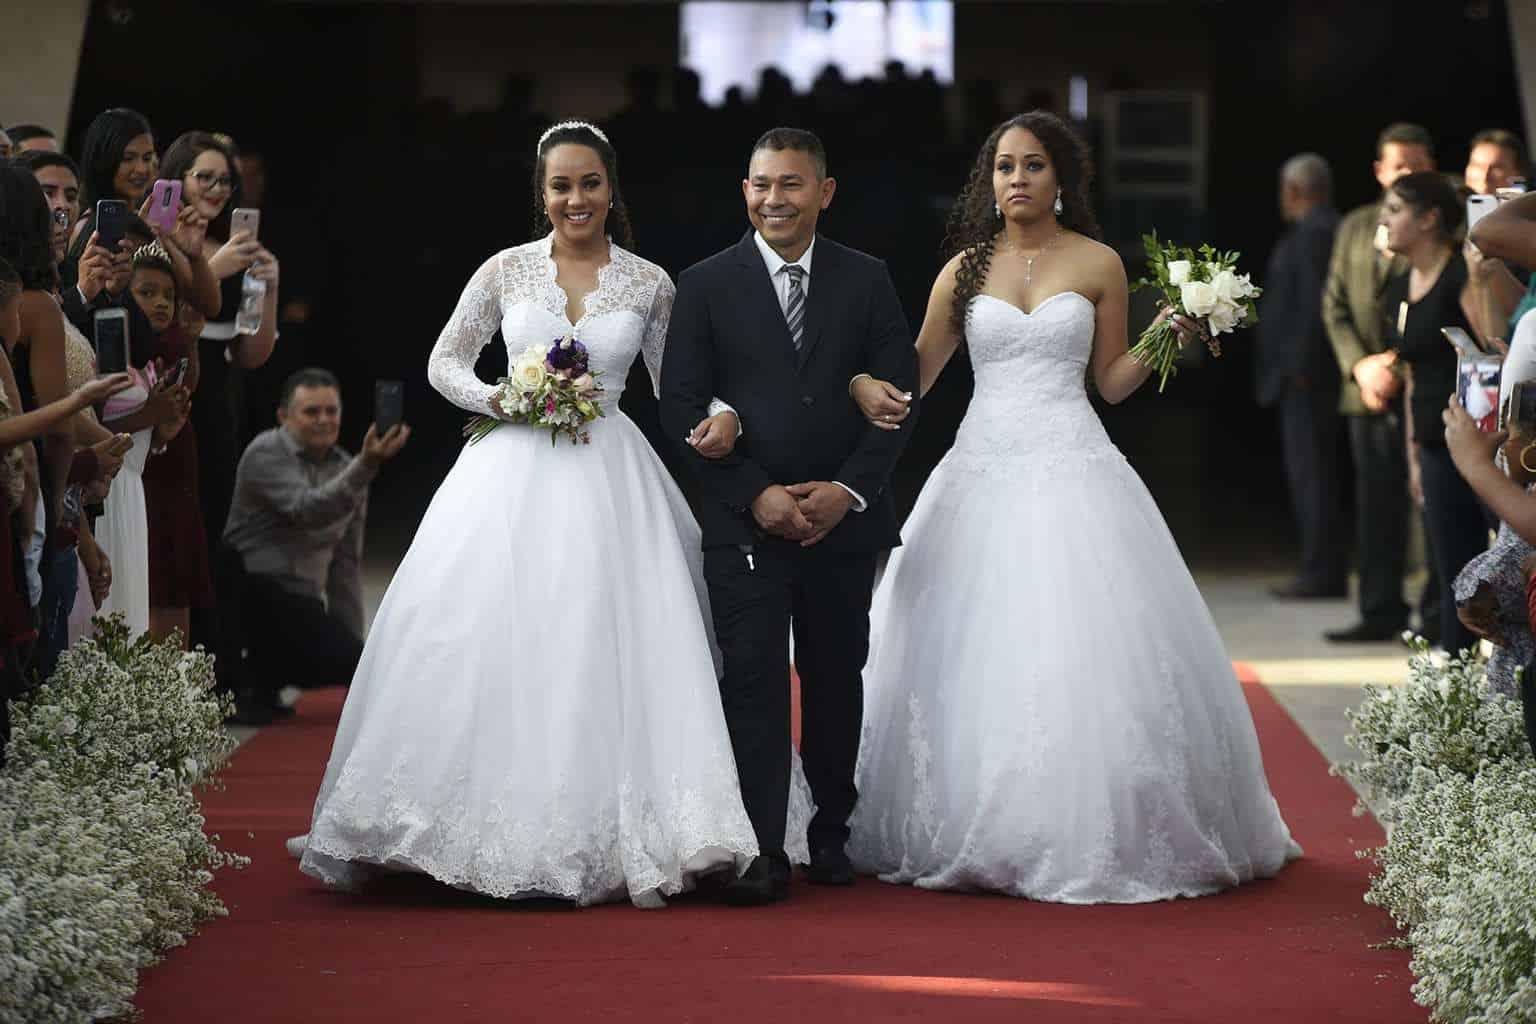 As-gêmeas-Daiane-e-Daniele-com-seu-pai-Valdemar-Pereira-Ramos-casamento-coletivo-casamento-comunitário